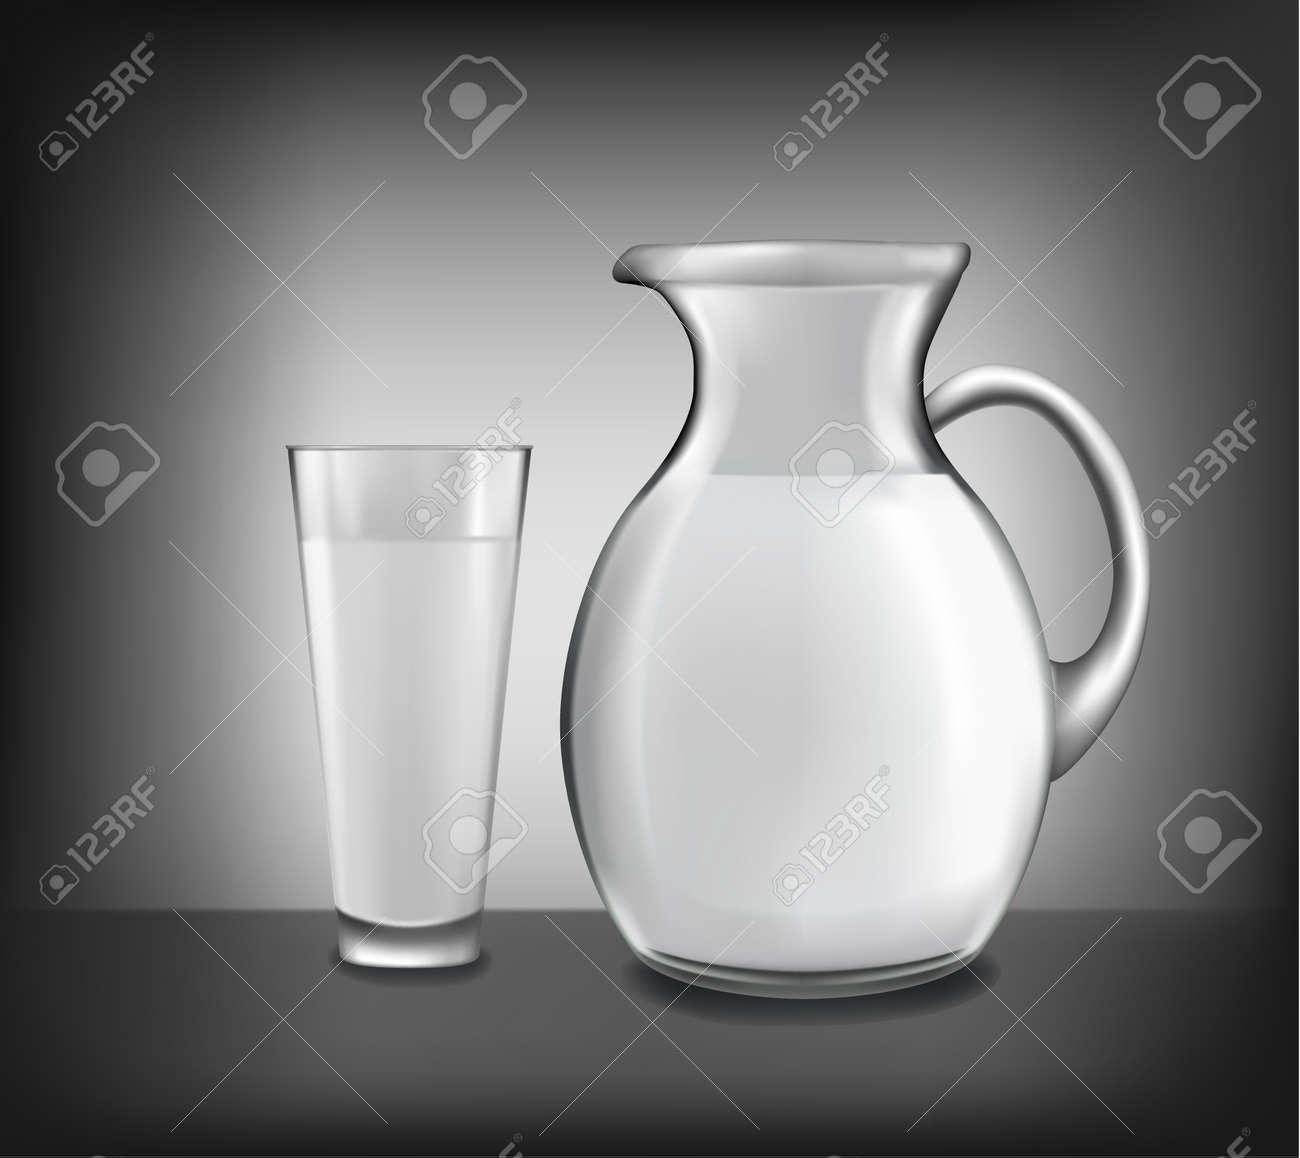 Milk jug and glass of milk. Vector. Stock Vector - 10017294